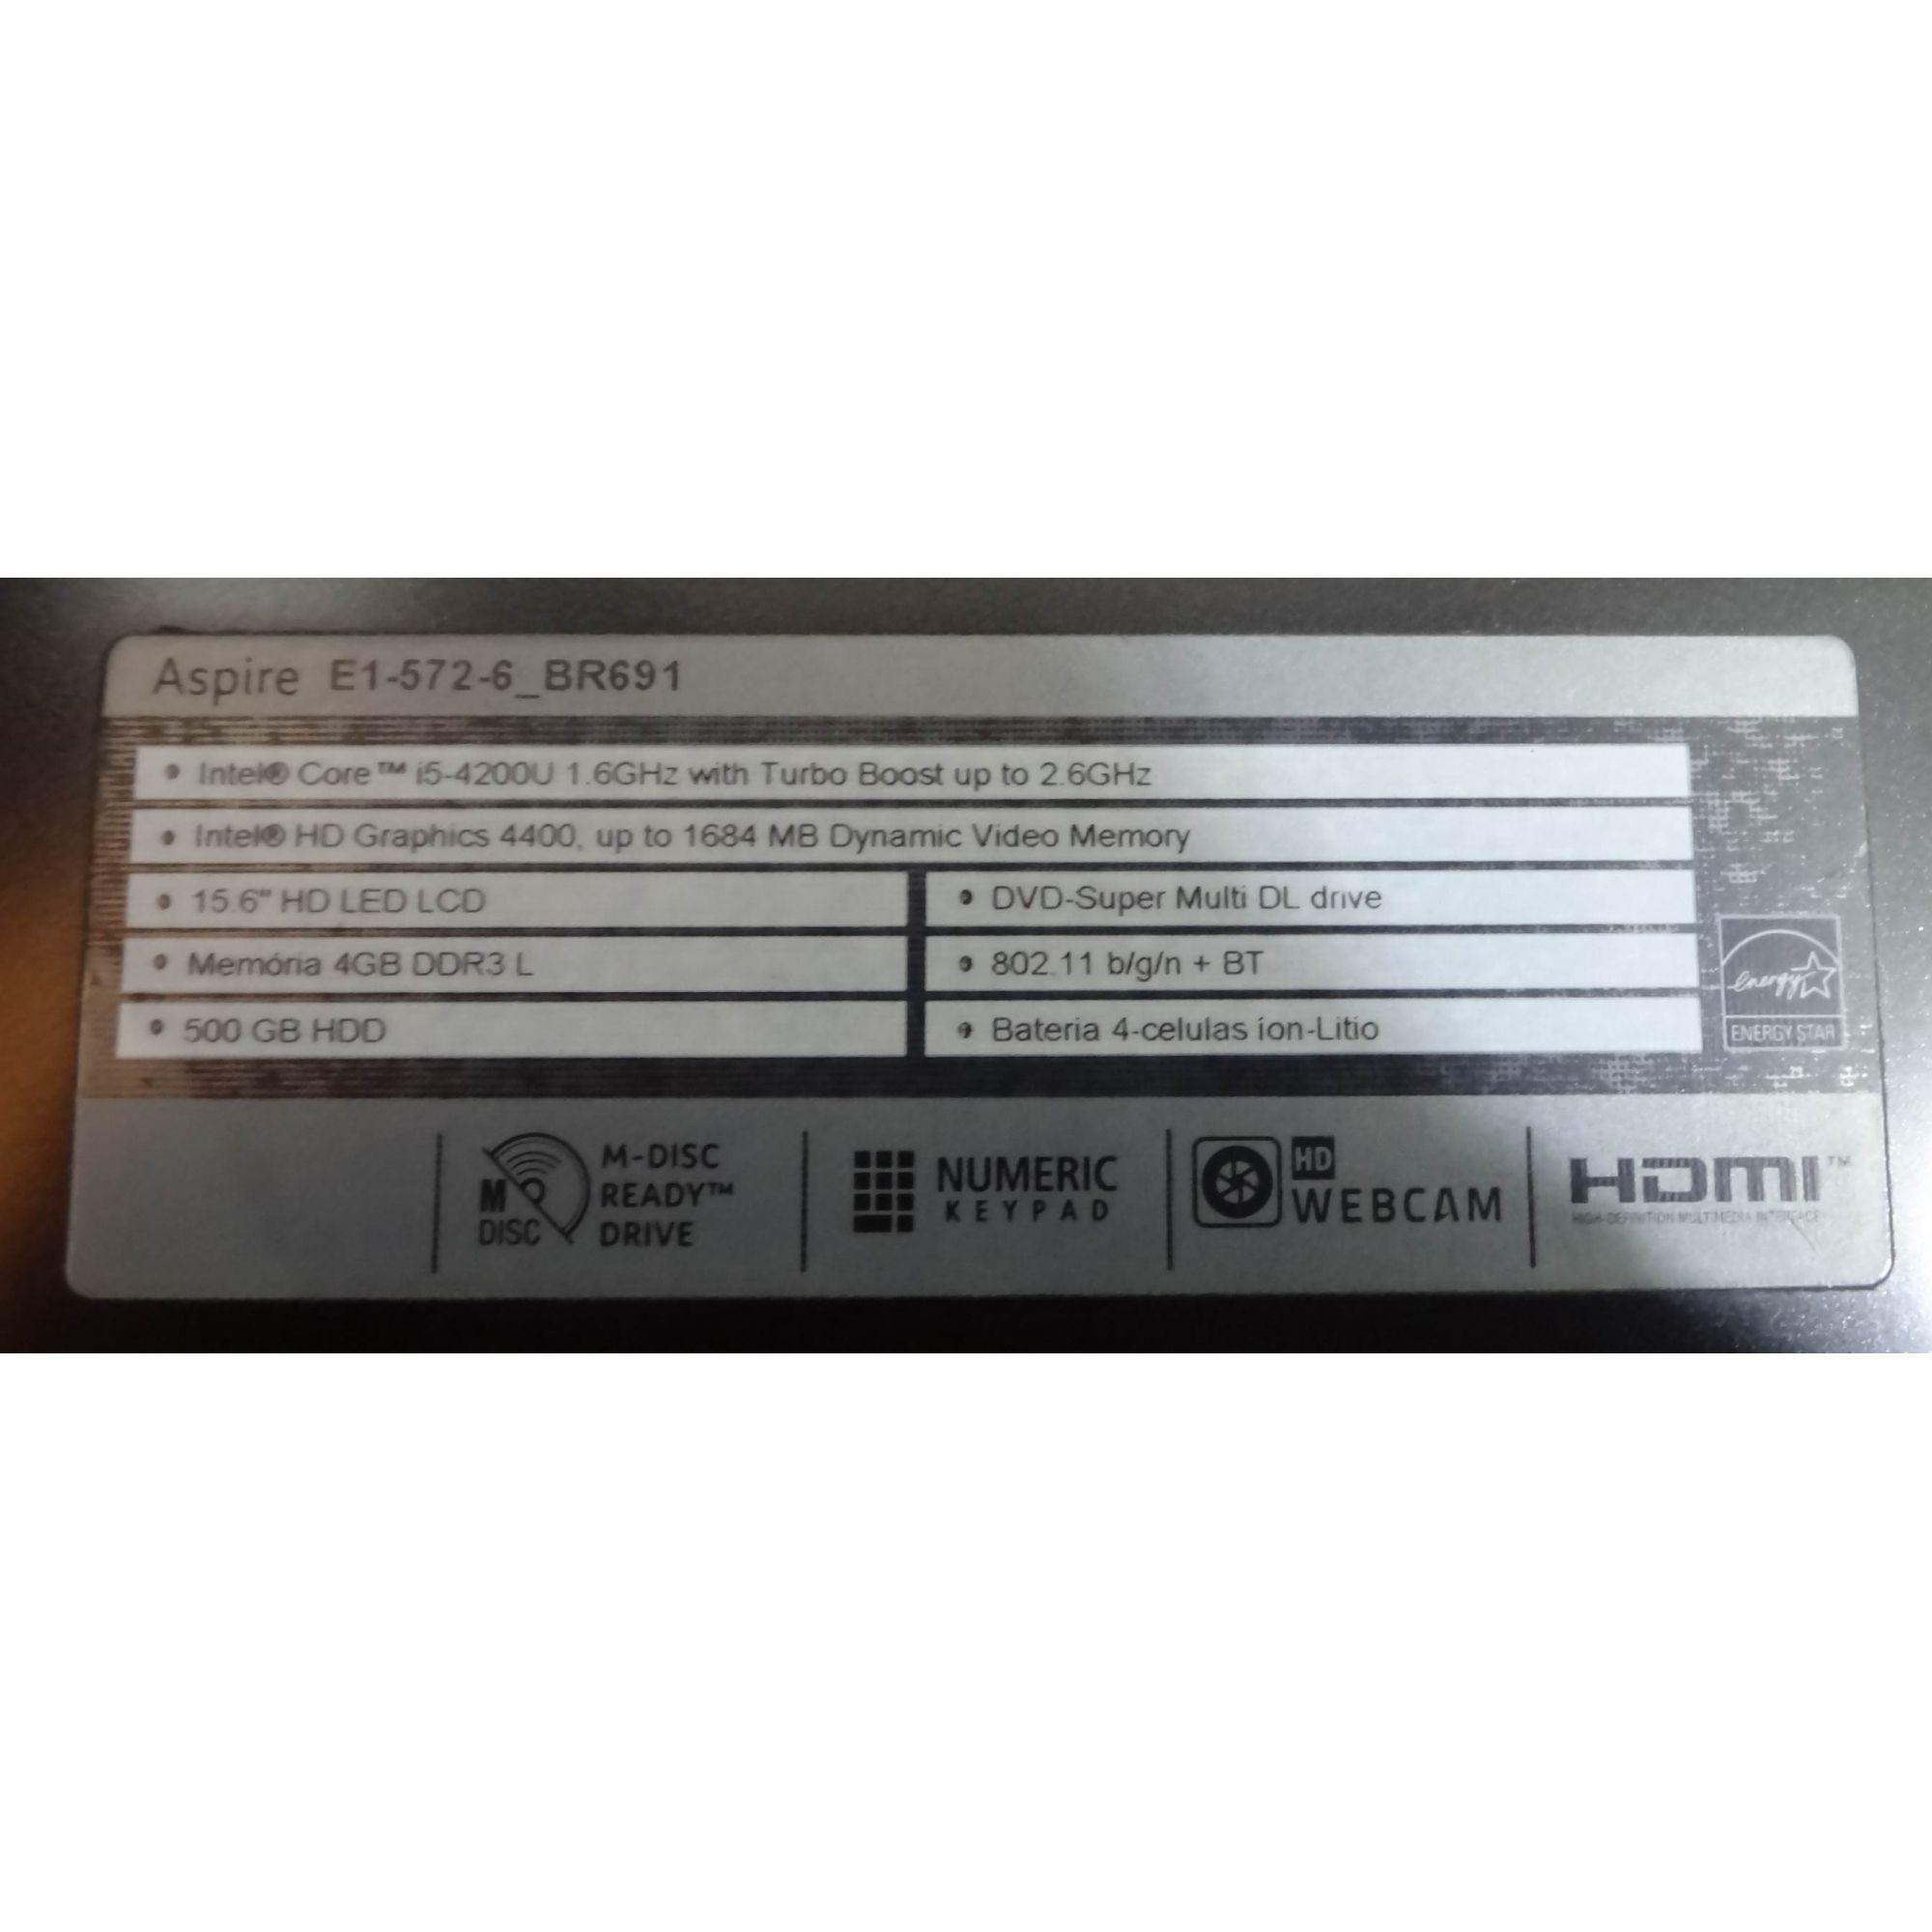 Notebook Acer Aspire E1-572 15.6'' Intel Core i5 1.60Ghz 4GB HD 500GB + Alphanúmerico ( Não enviamos )